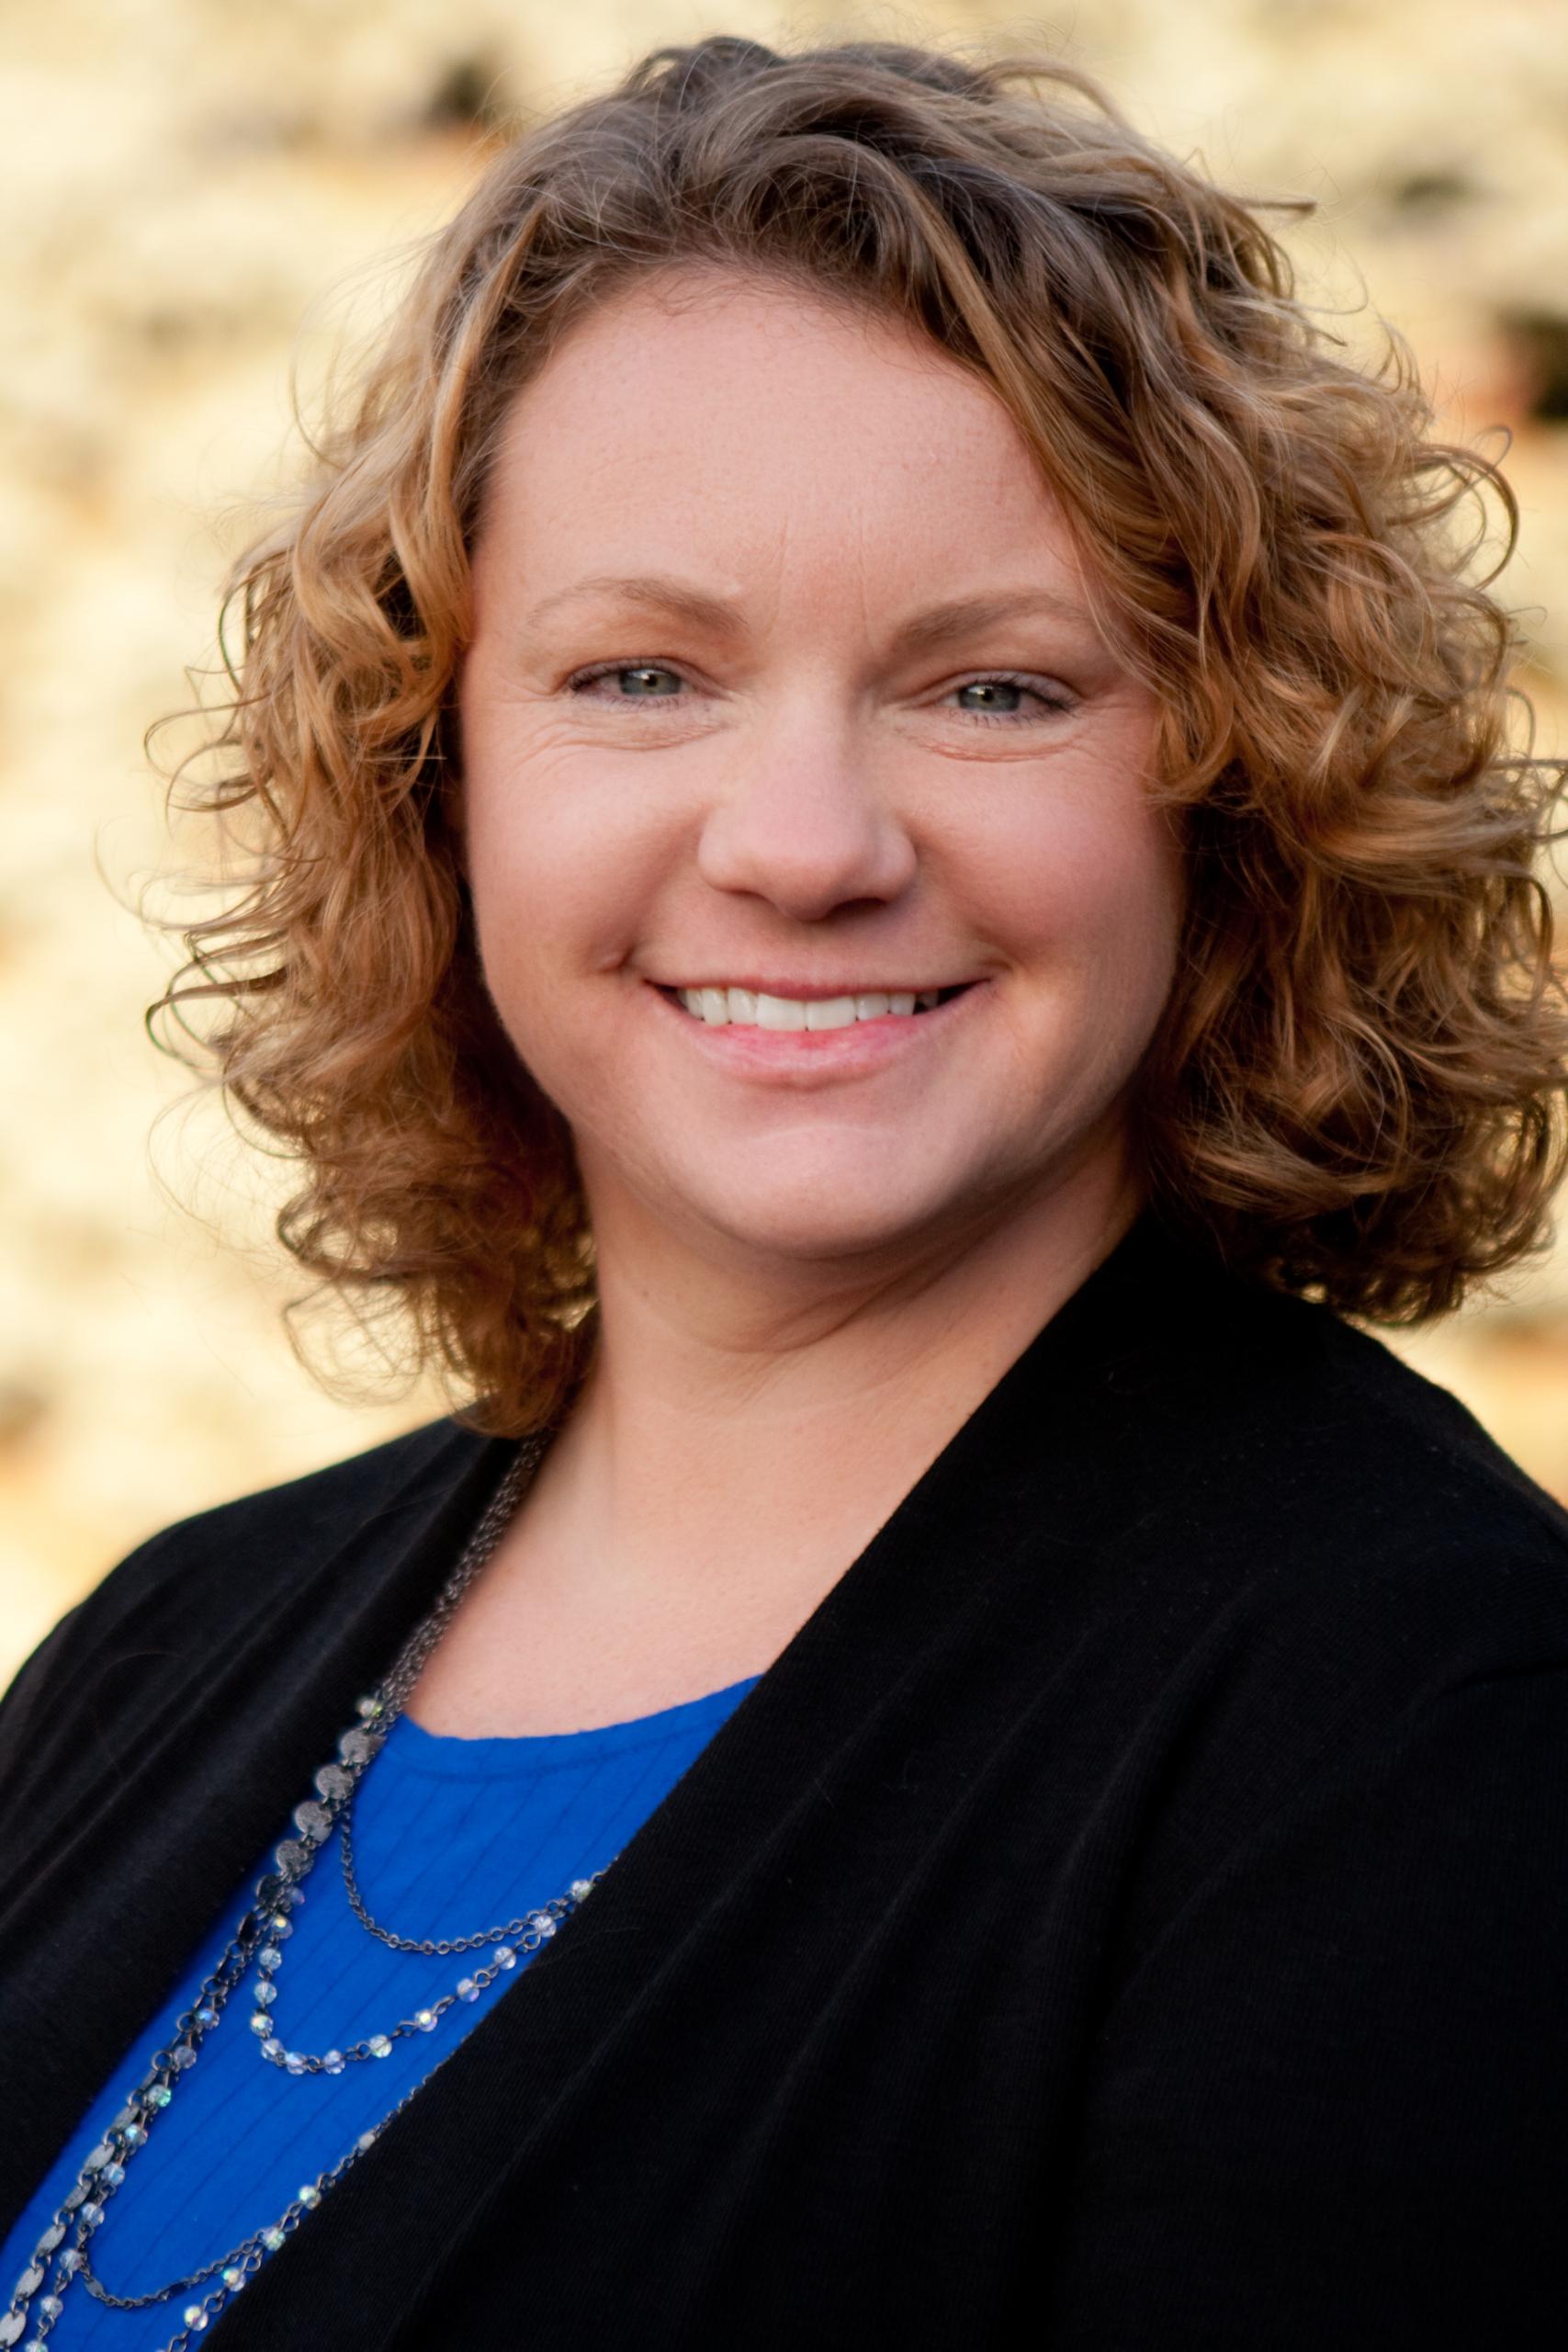 Melissa Fryckman